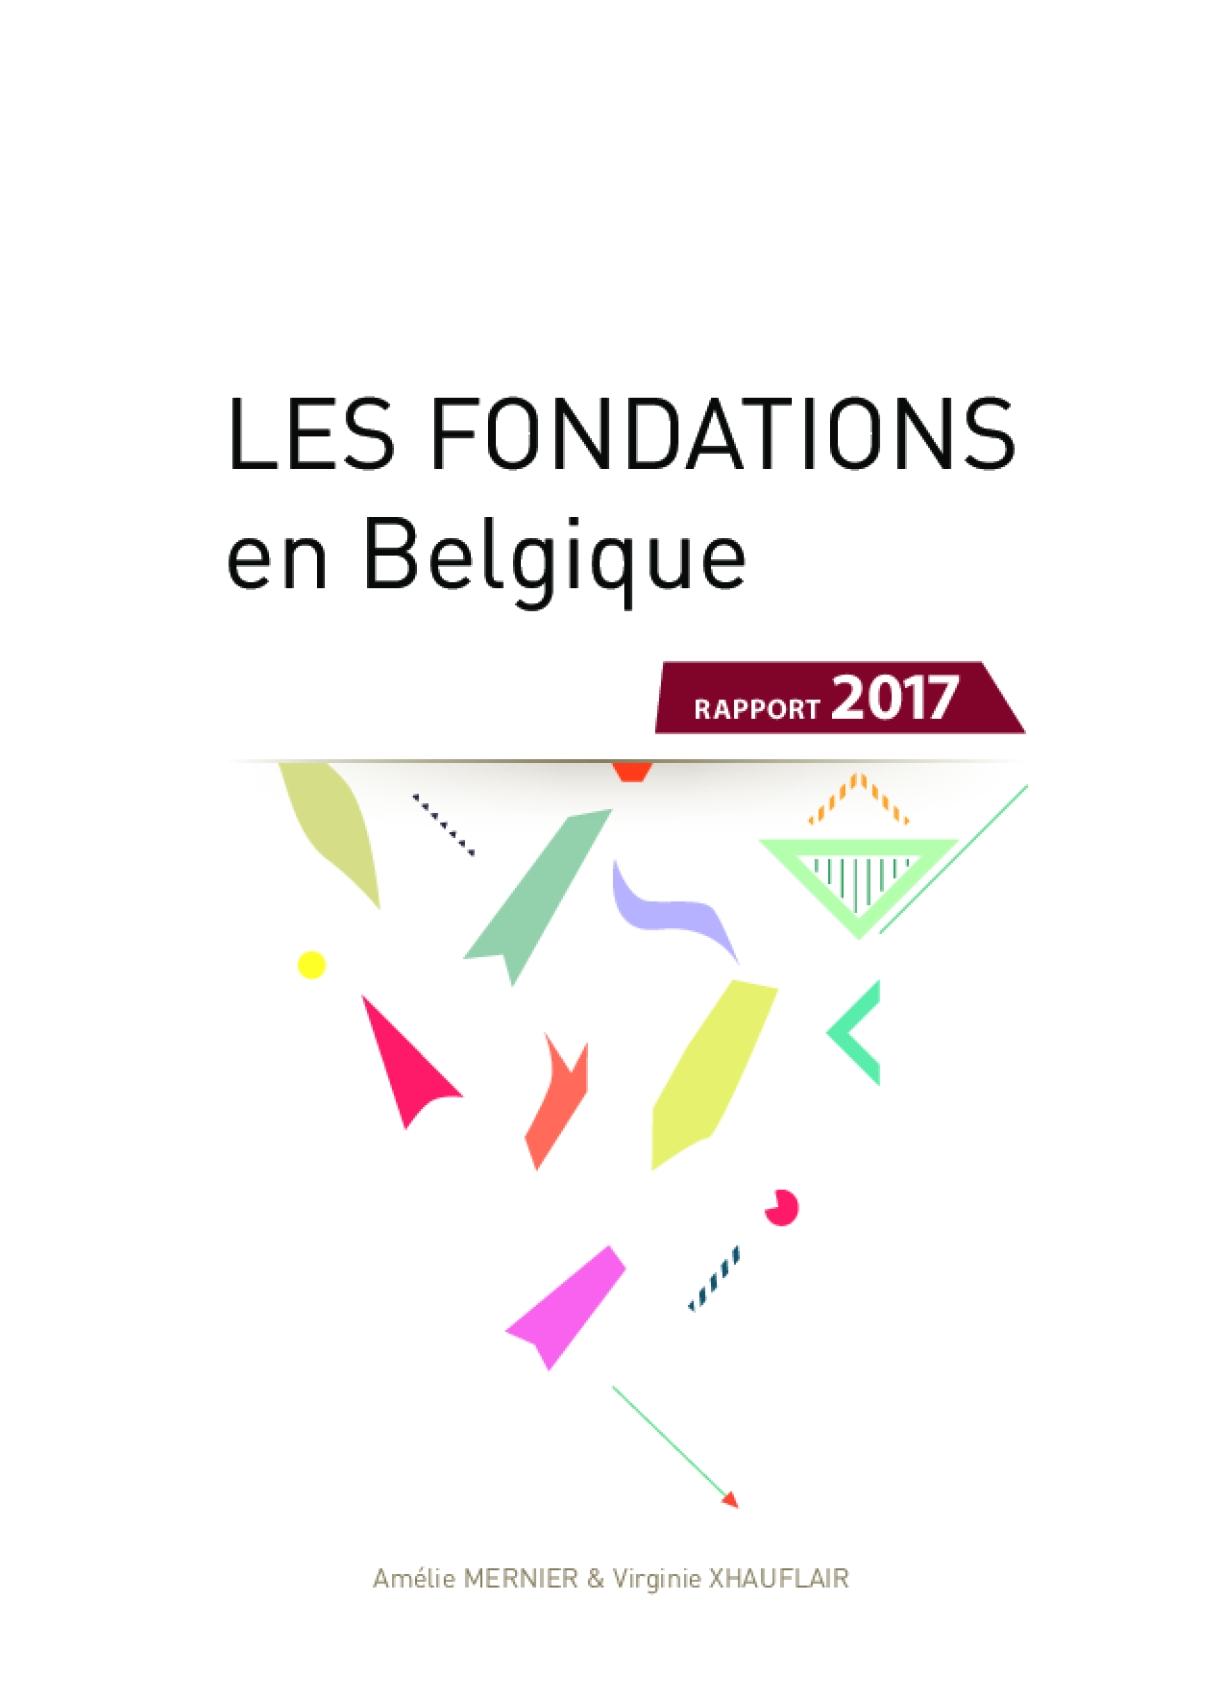 Les fondations en Belgique Rapport 2017